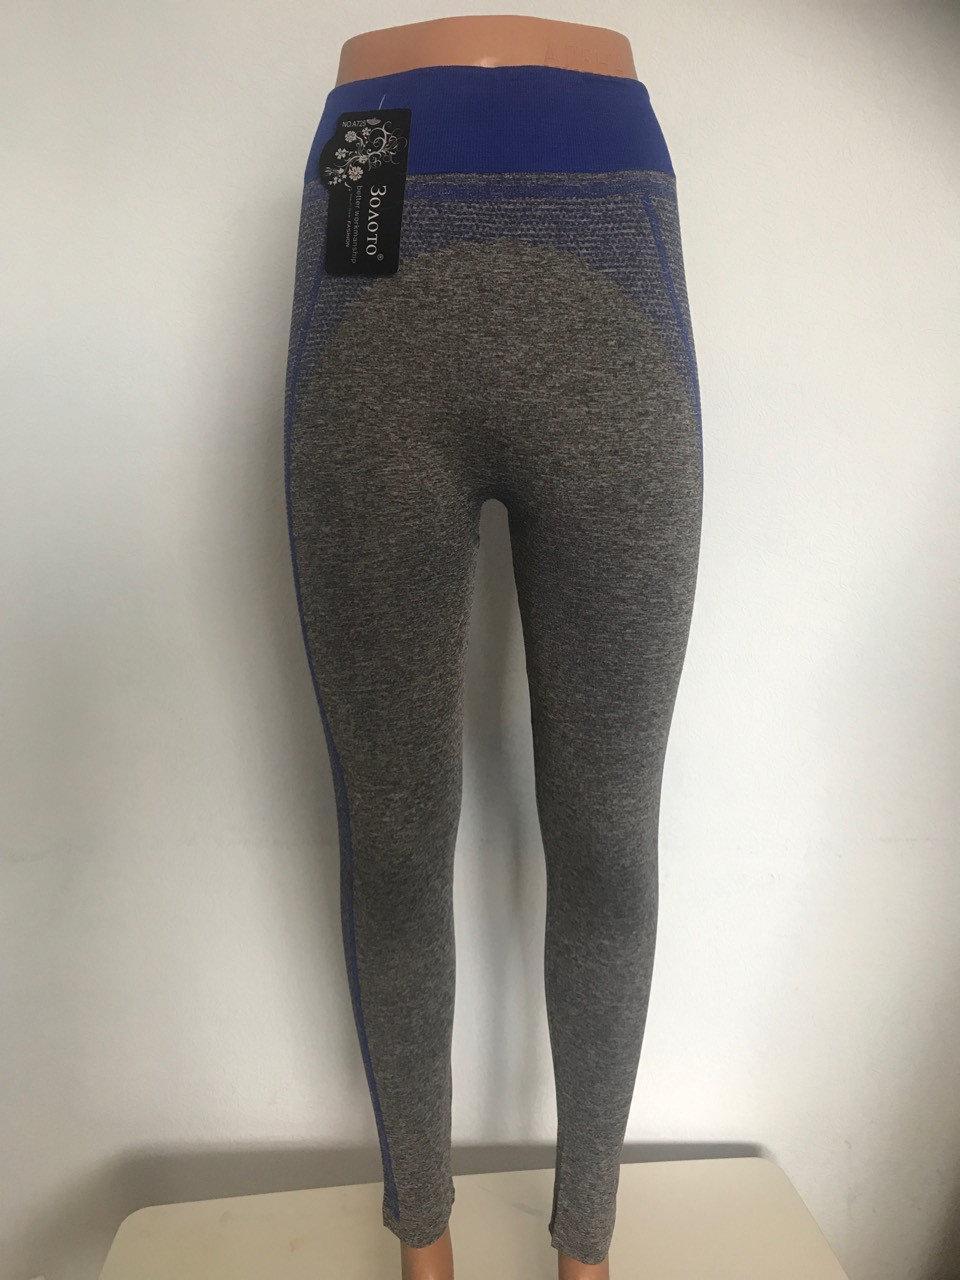 Женские лосины спортивные штаны серые